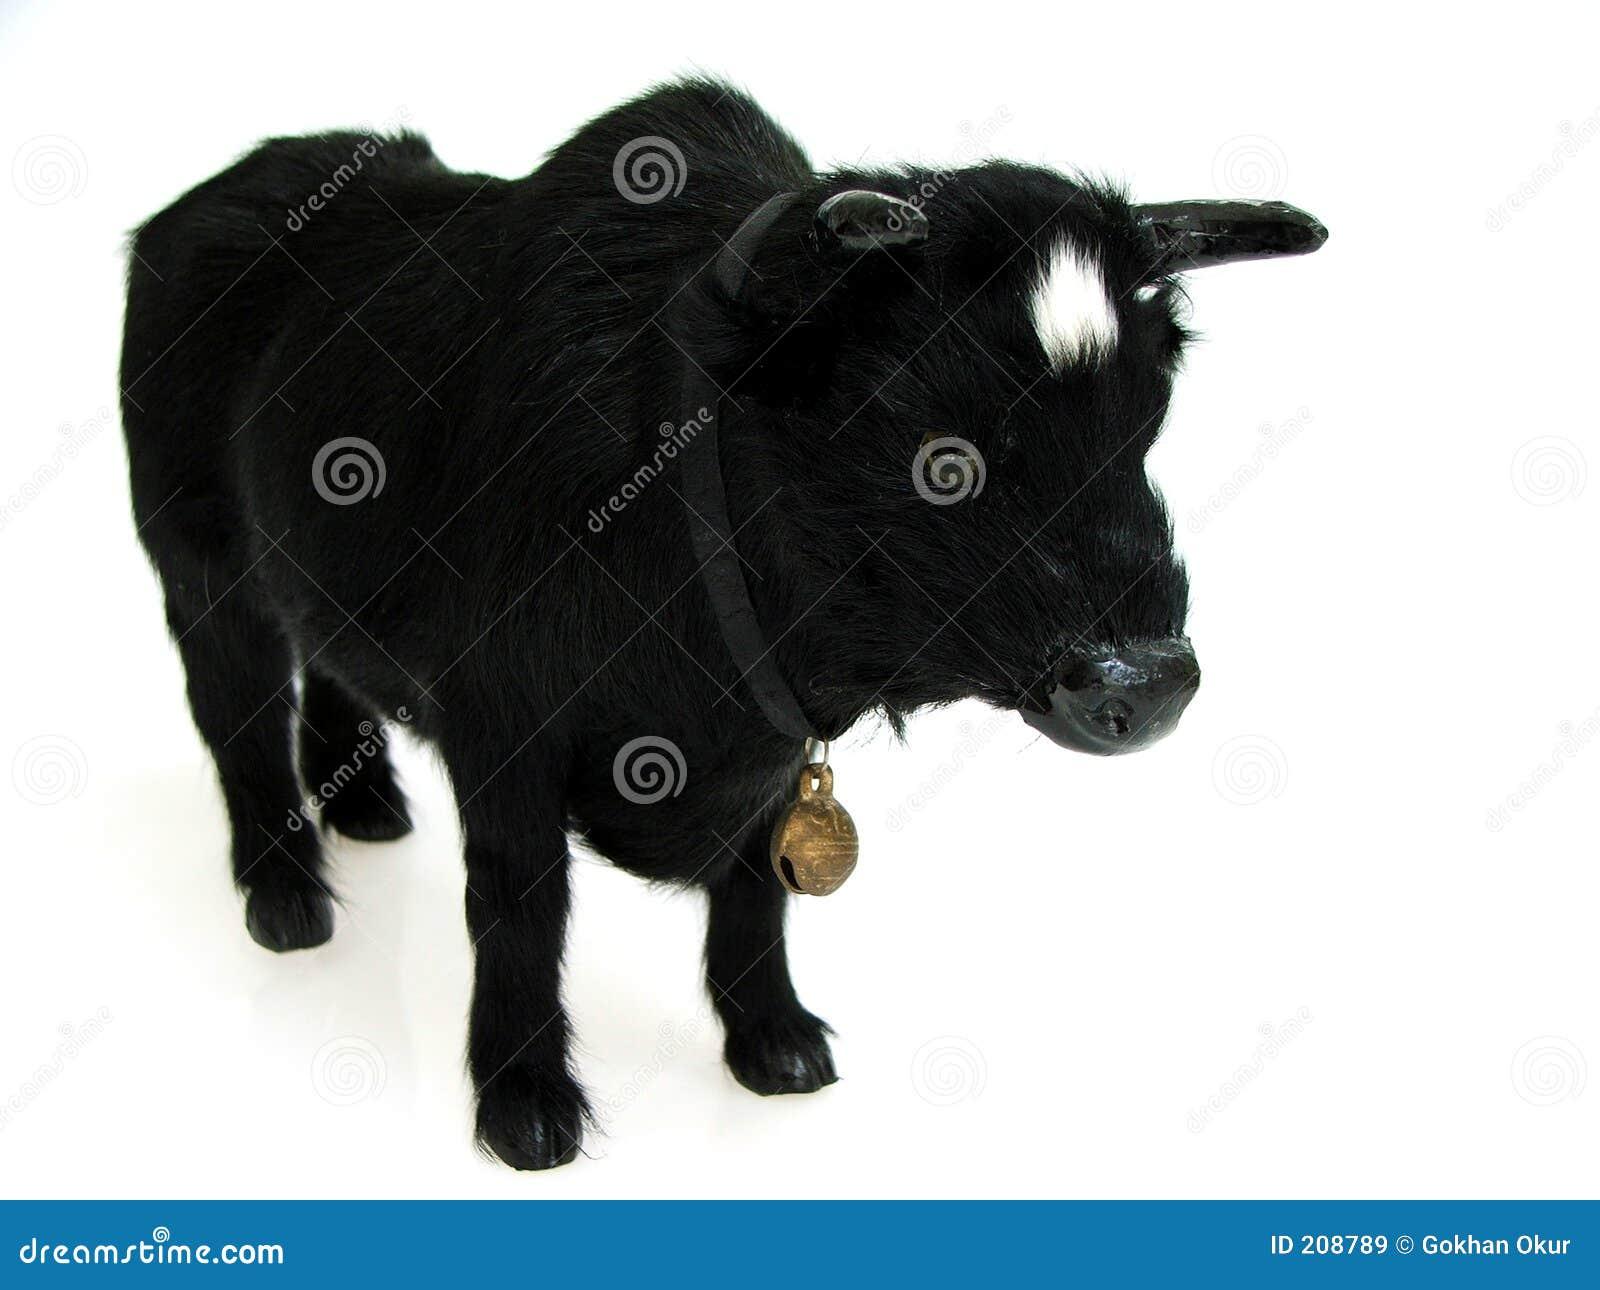 Bull04